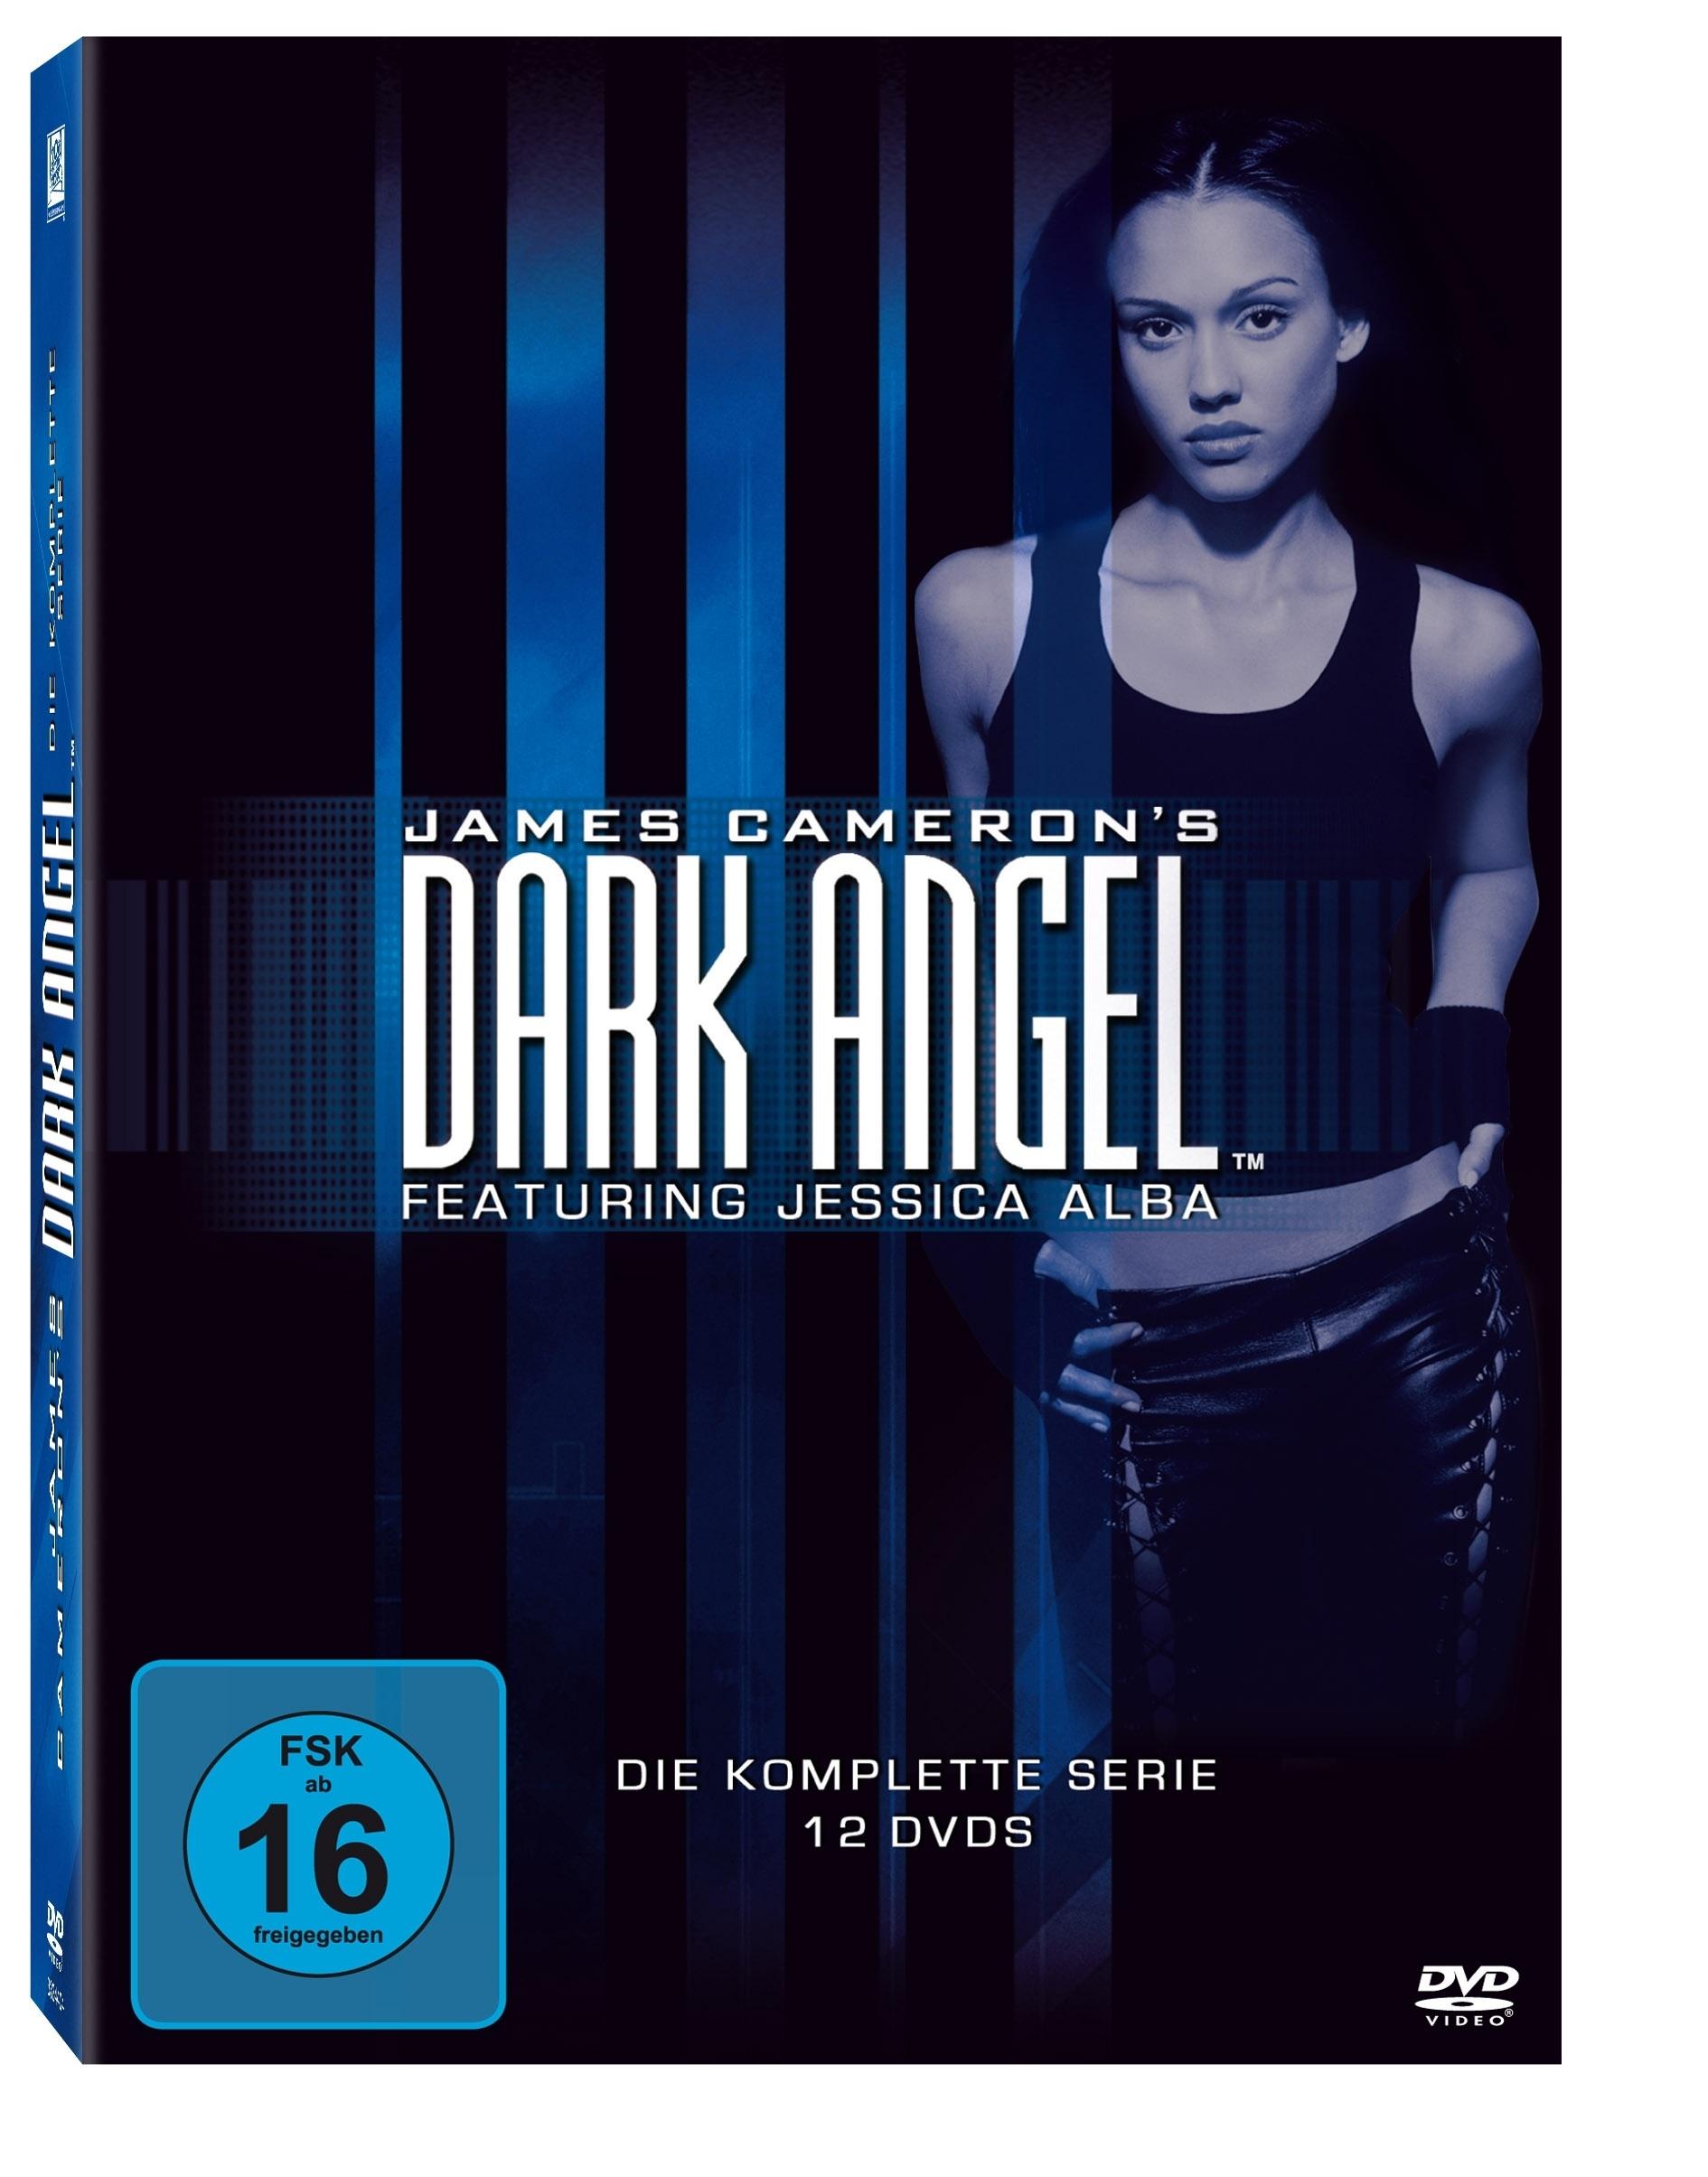 Image of Dark Angel: Die komplette Serie